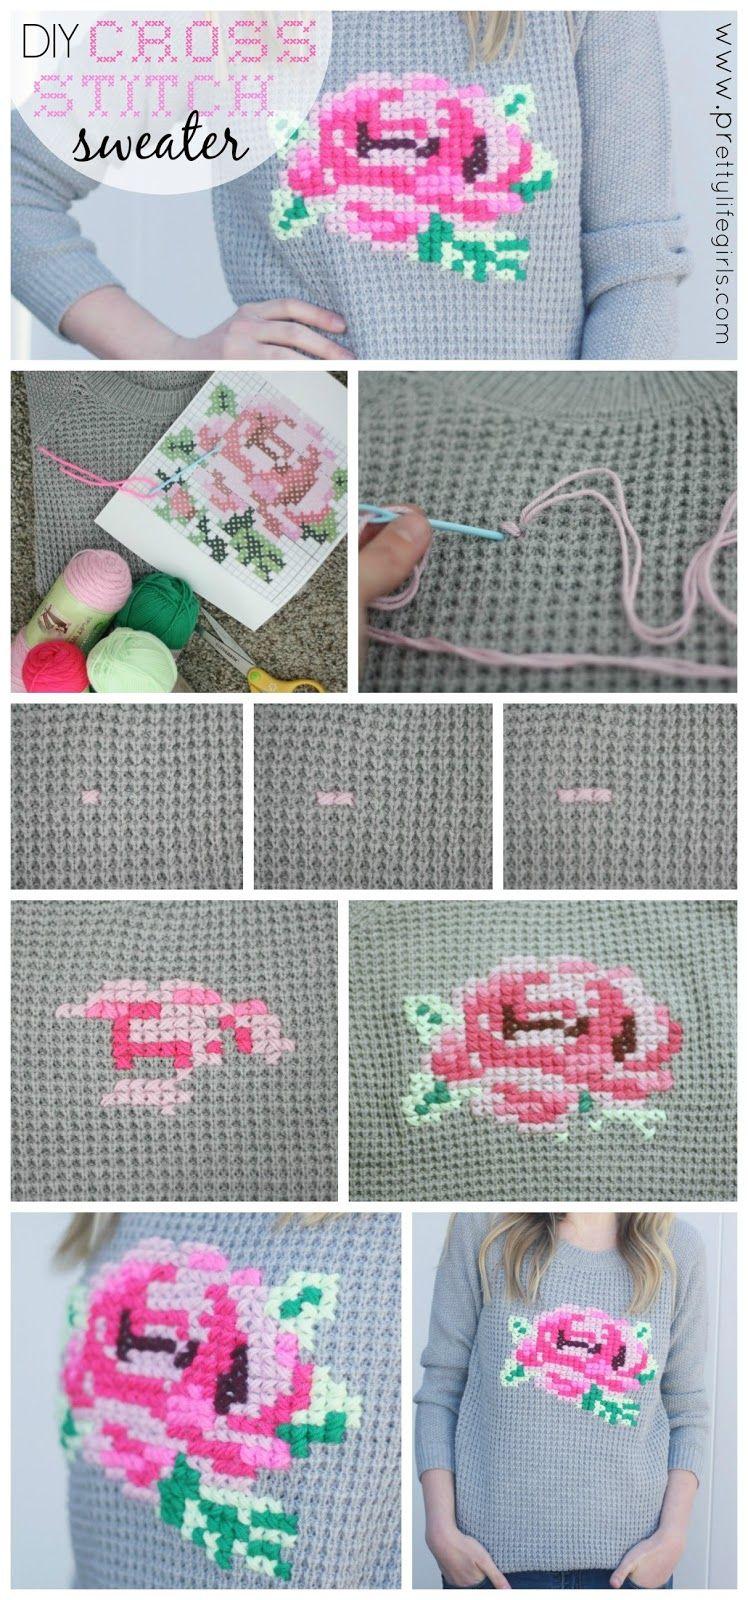 d9a7308caf4577 DIY Cross-Stitch Sweater